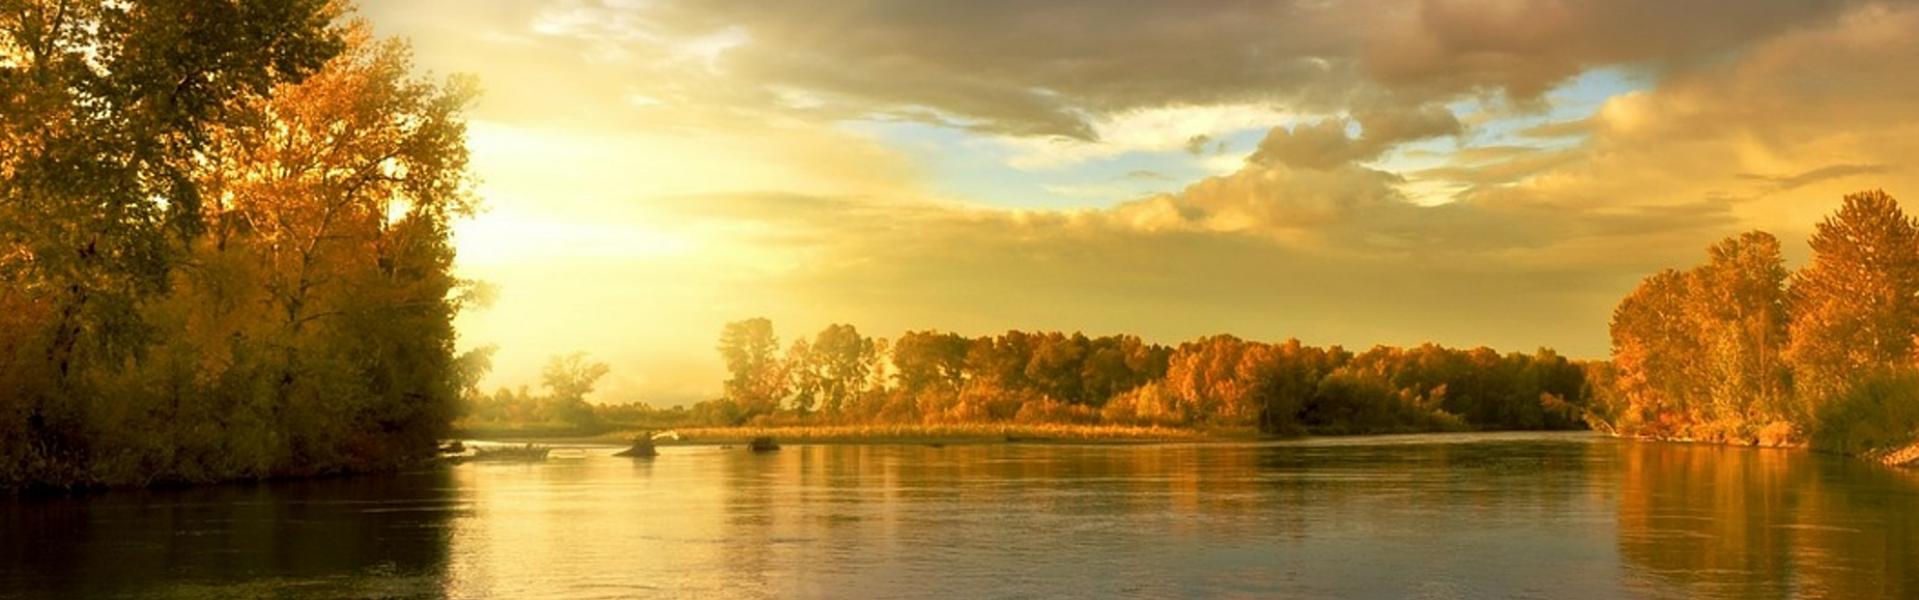 lac-paysage-automne